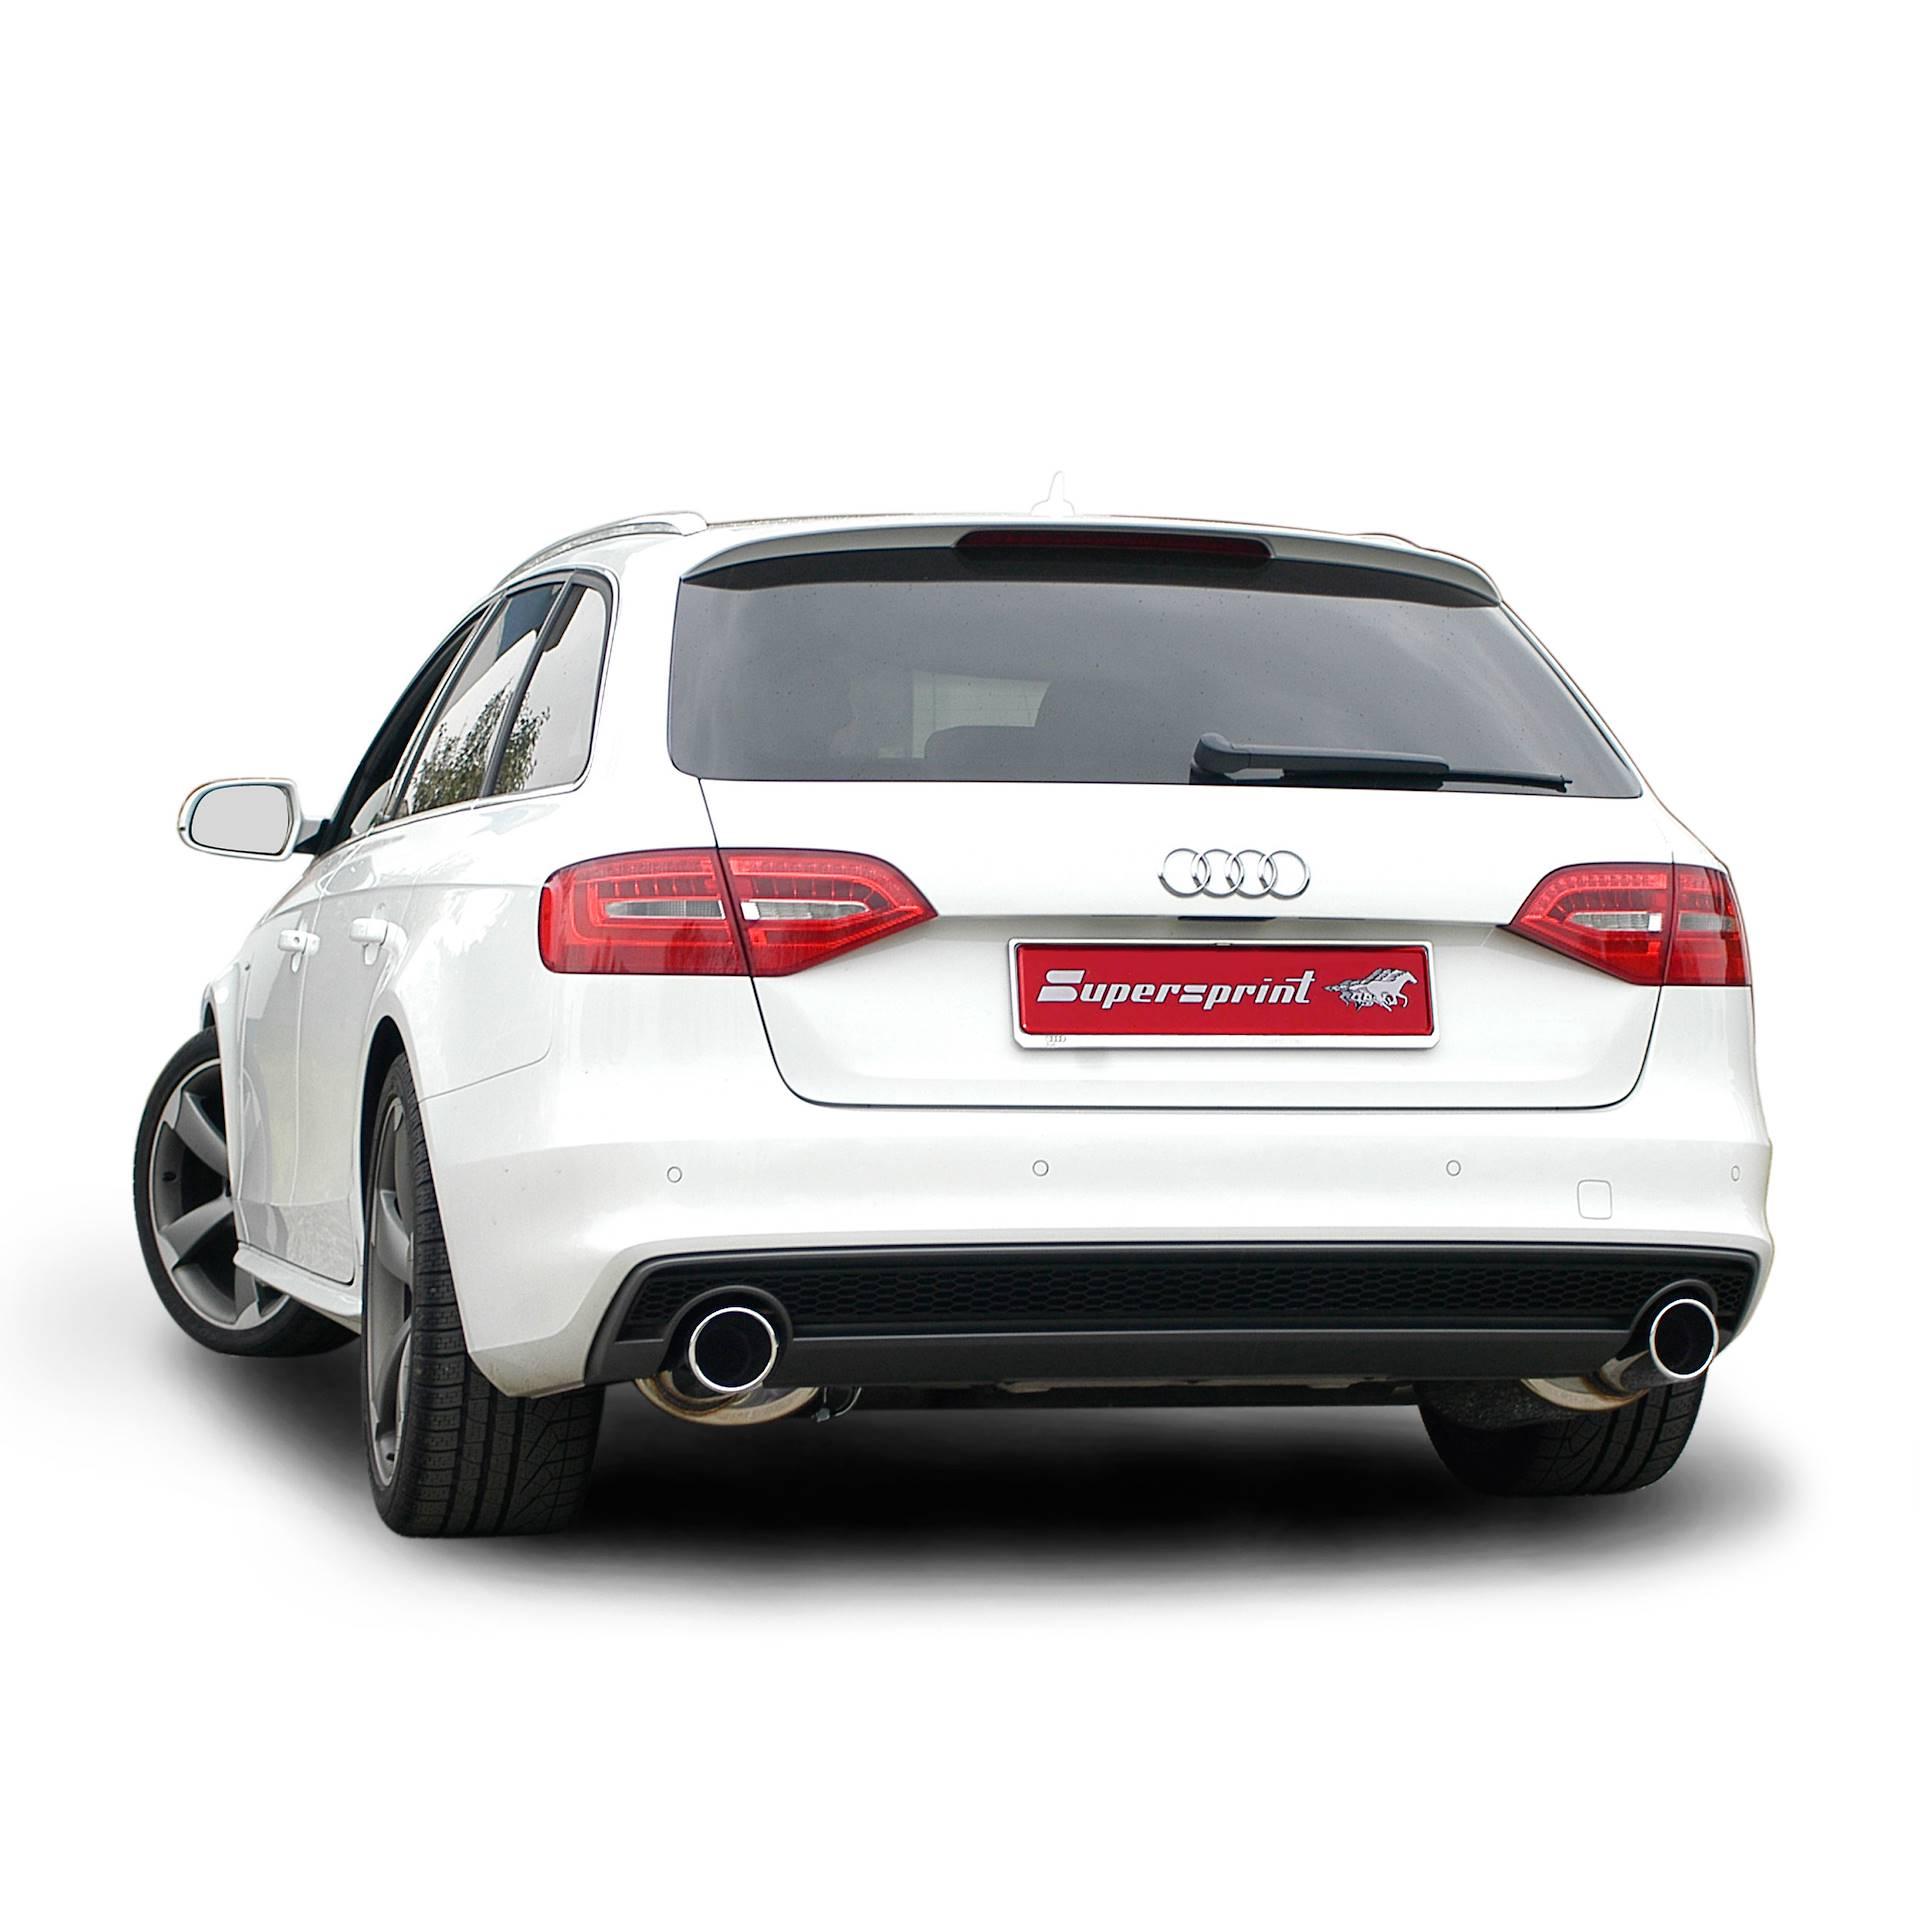 Audi A7 3 0 Tfsi Full Supersprint Exhaust Offizielle